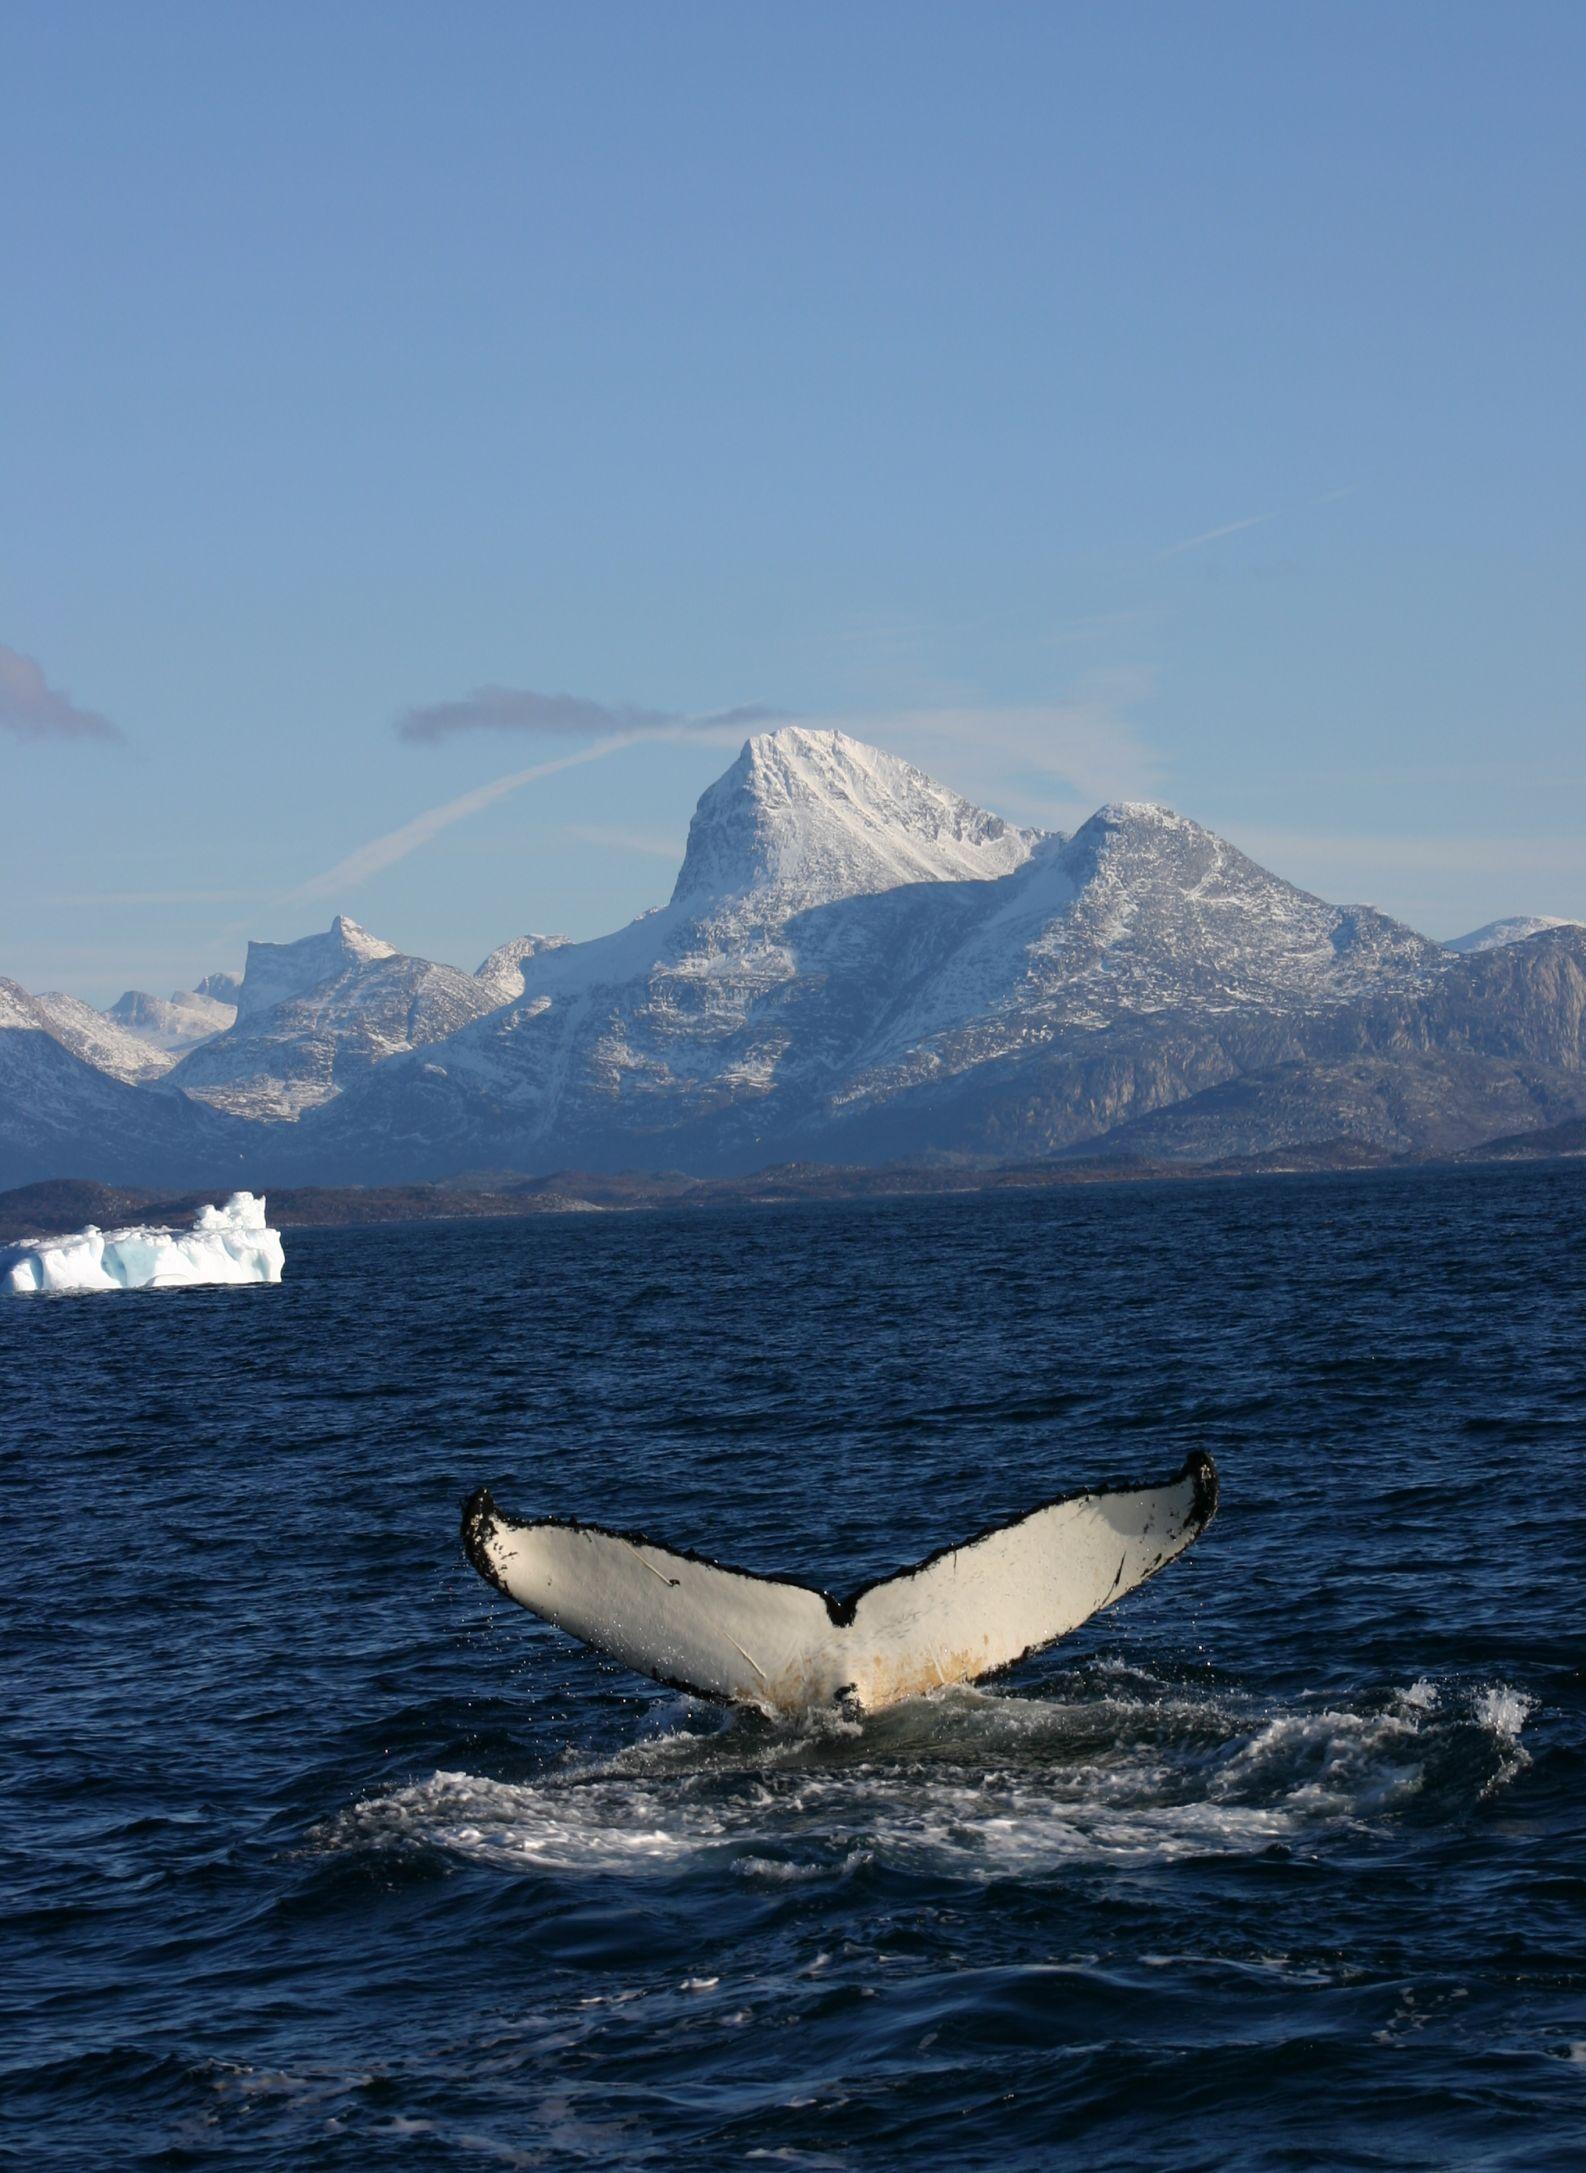 Китовий хвіст: цього водного мешканця можна побачити в околицях Нуука. Фото: Greenland Tourism /Anders Skov Hansen